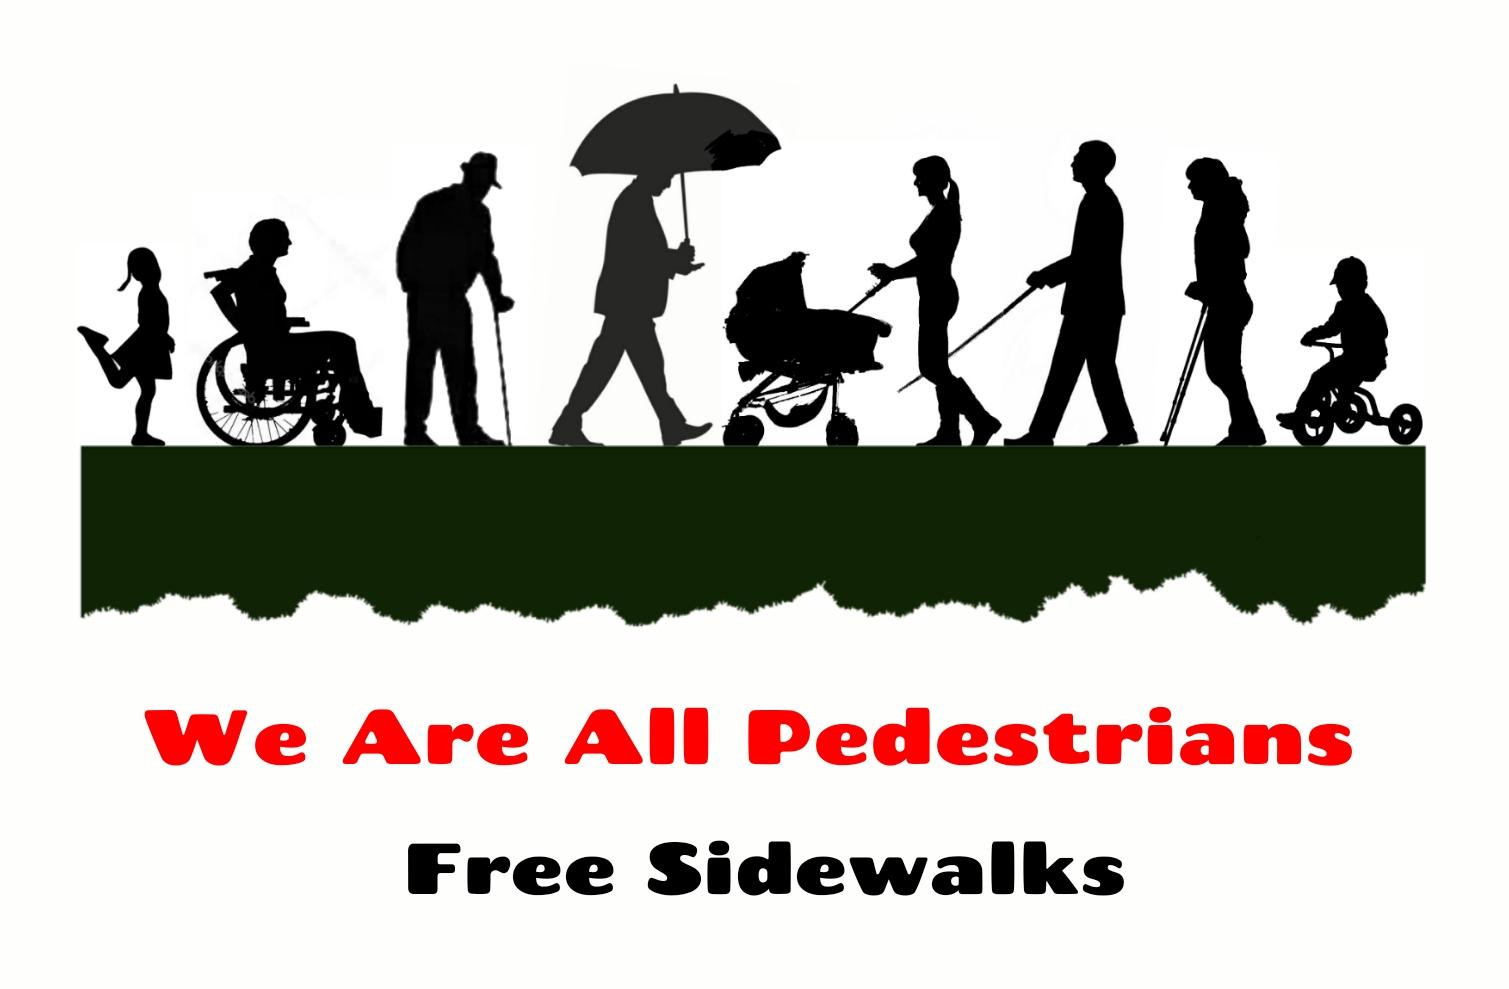 Pedestrians sidewalks